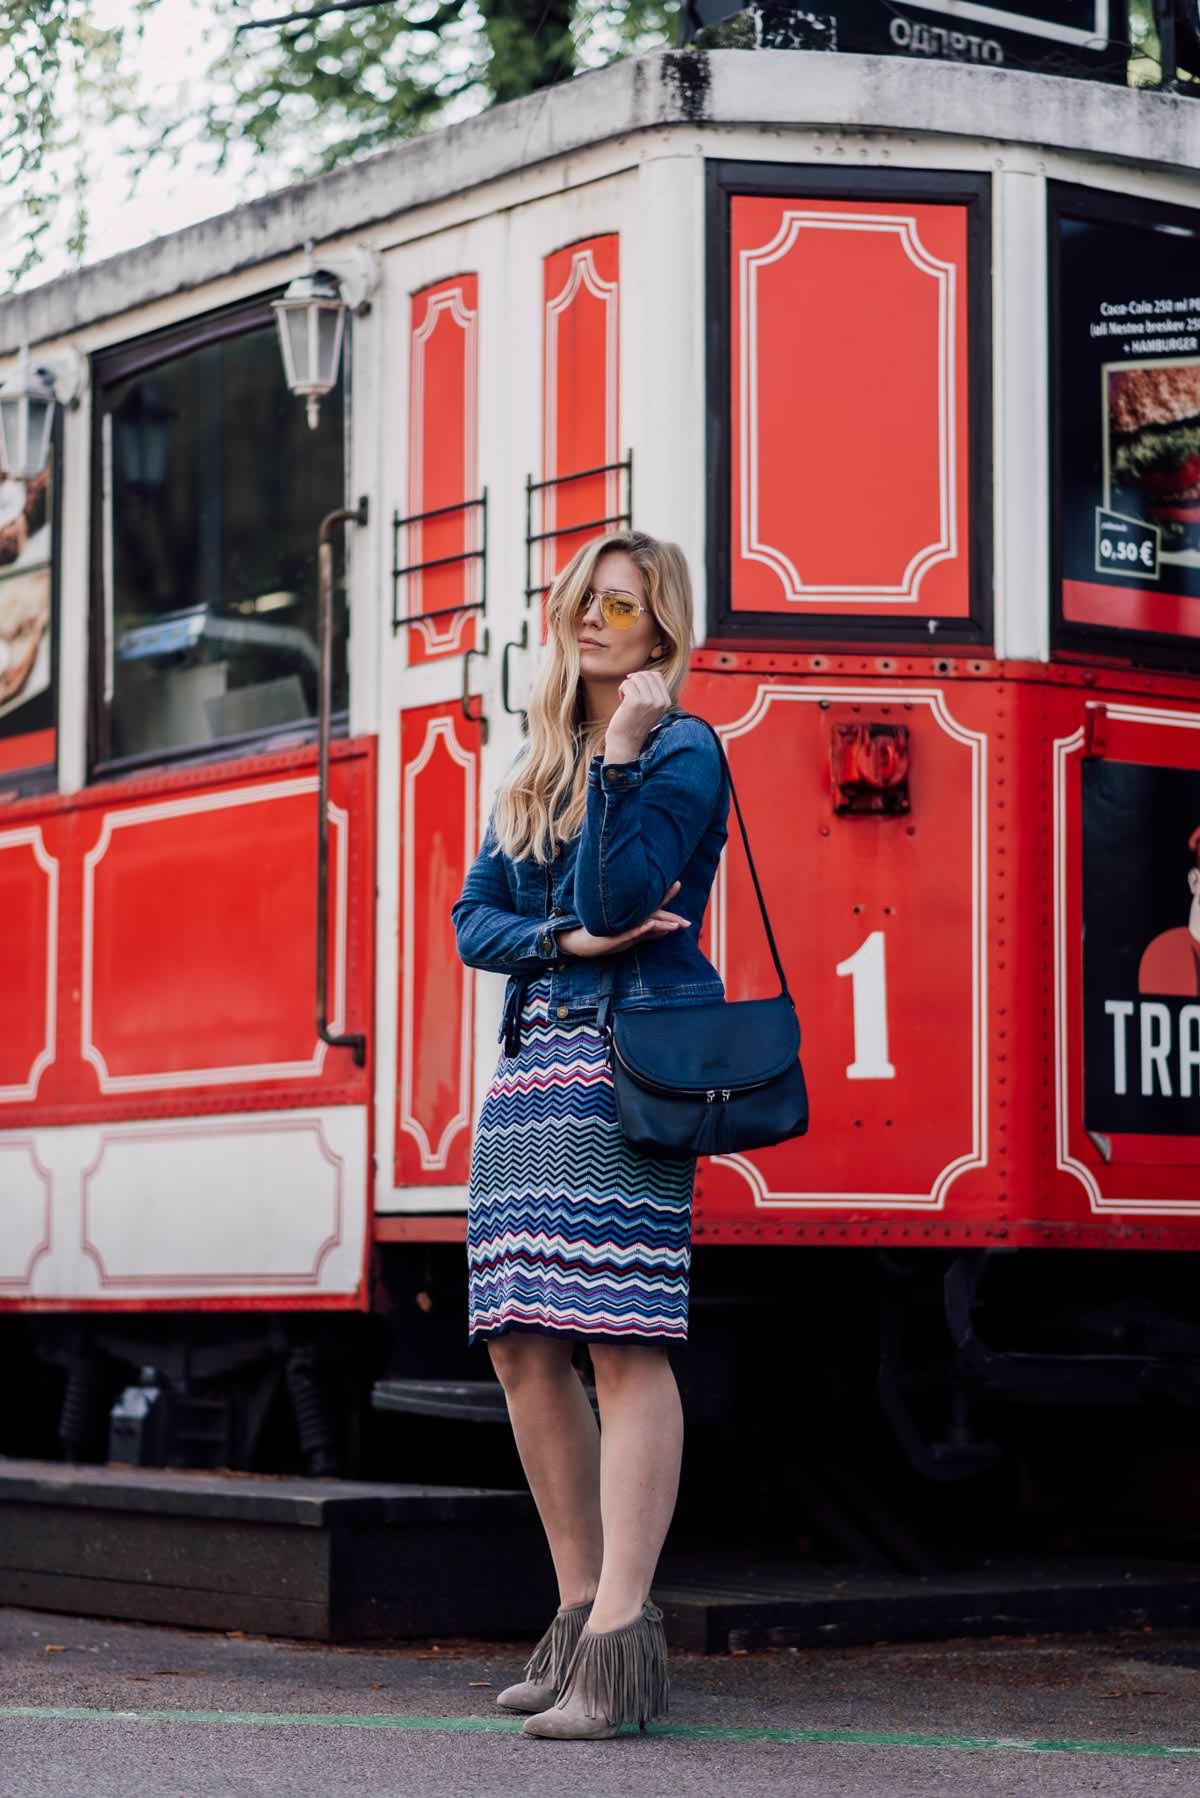 tramvaj Ljubljana